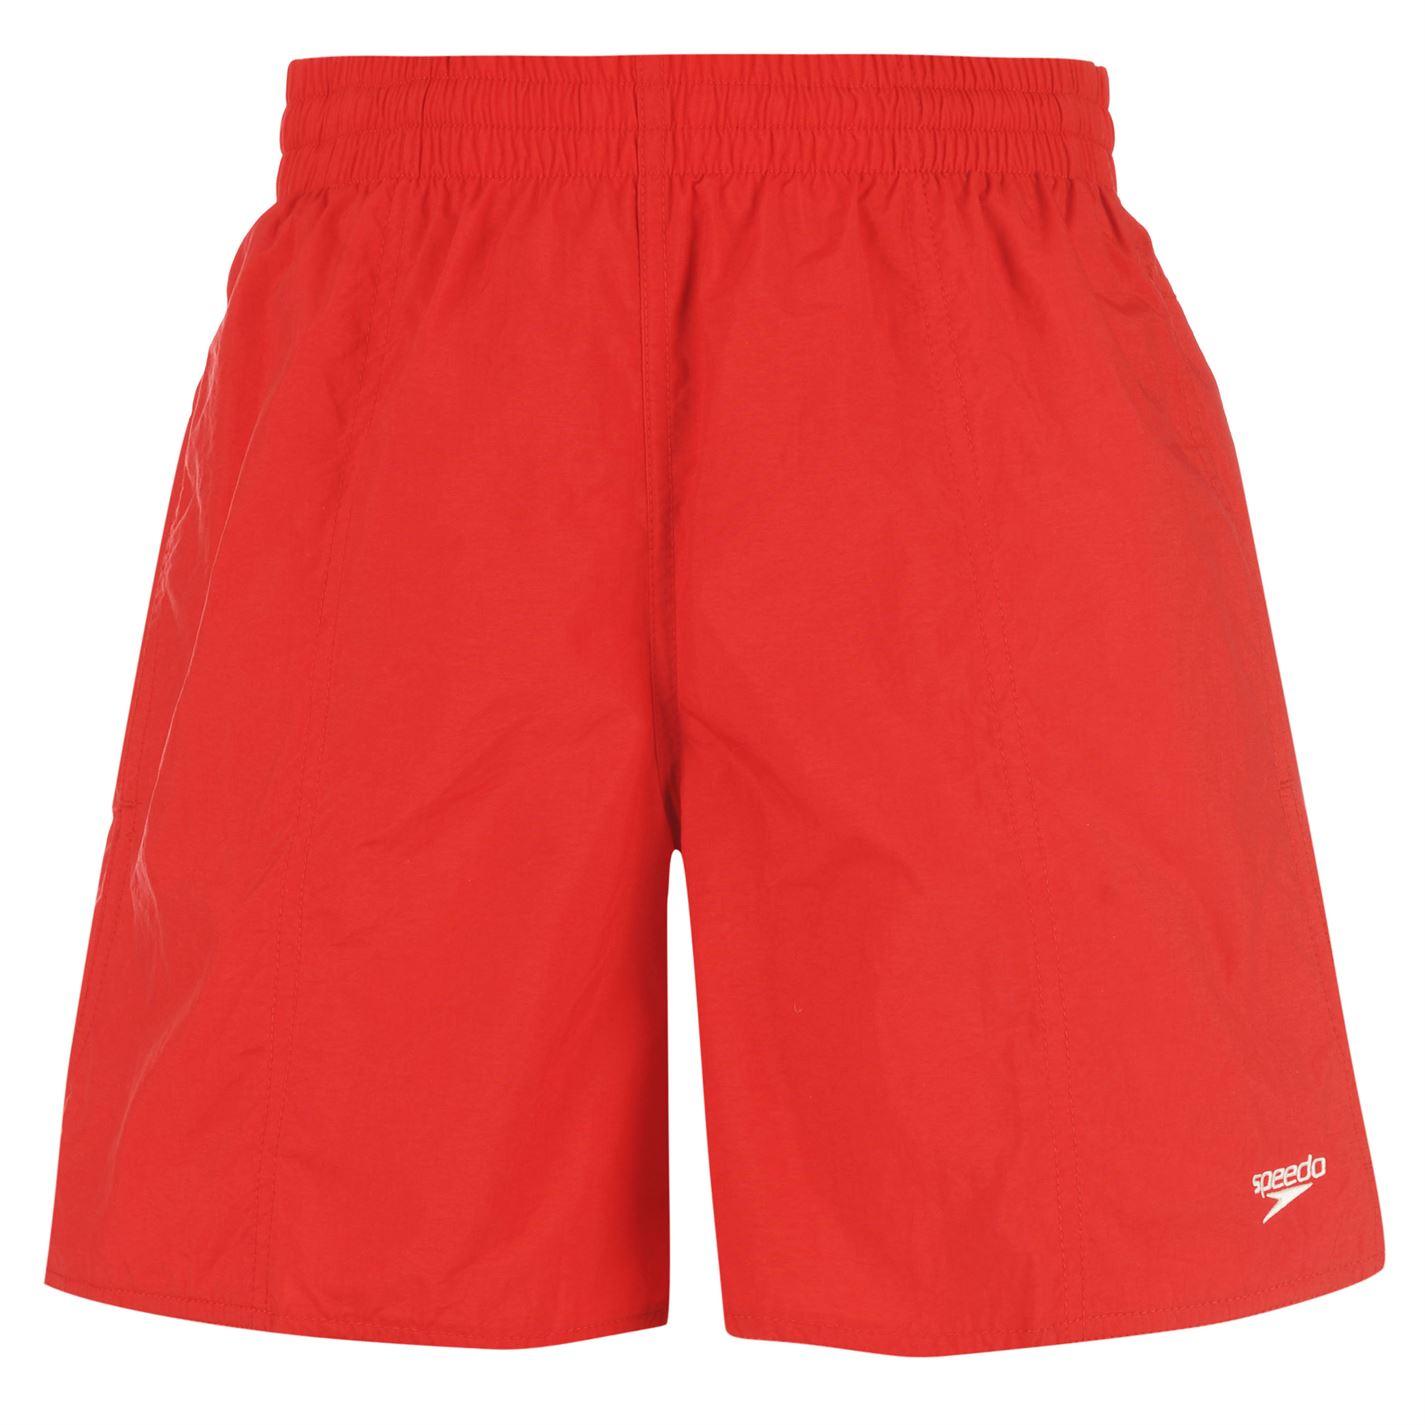 Pantaloni scurti de baie Speedo Core Leisure pentru Barbati rosu